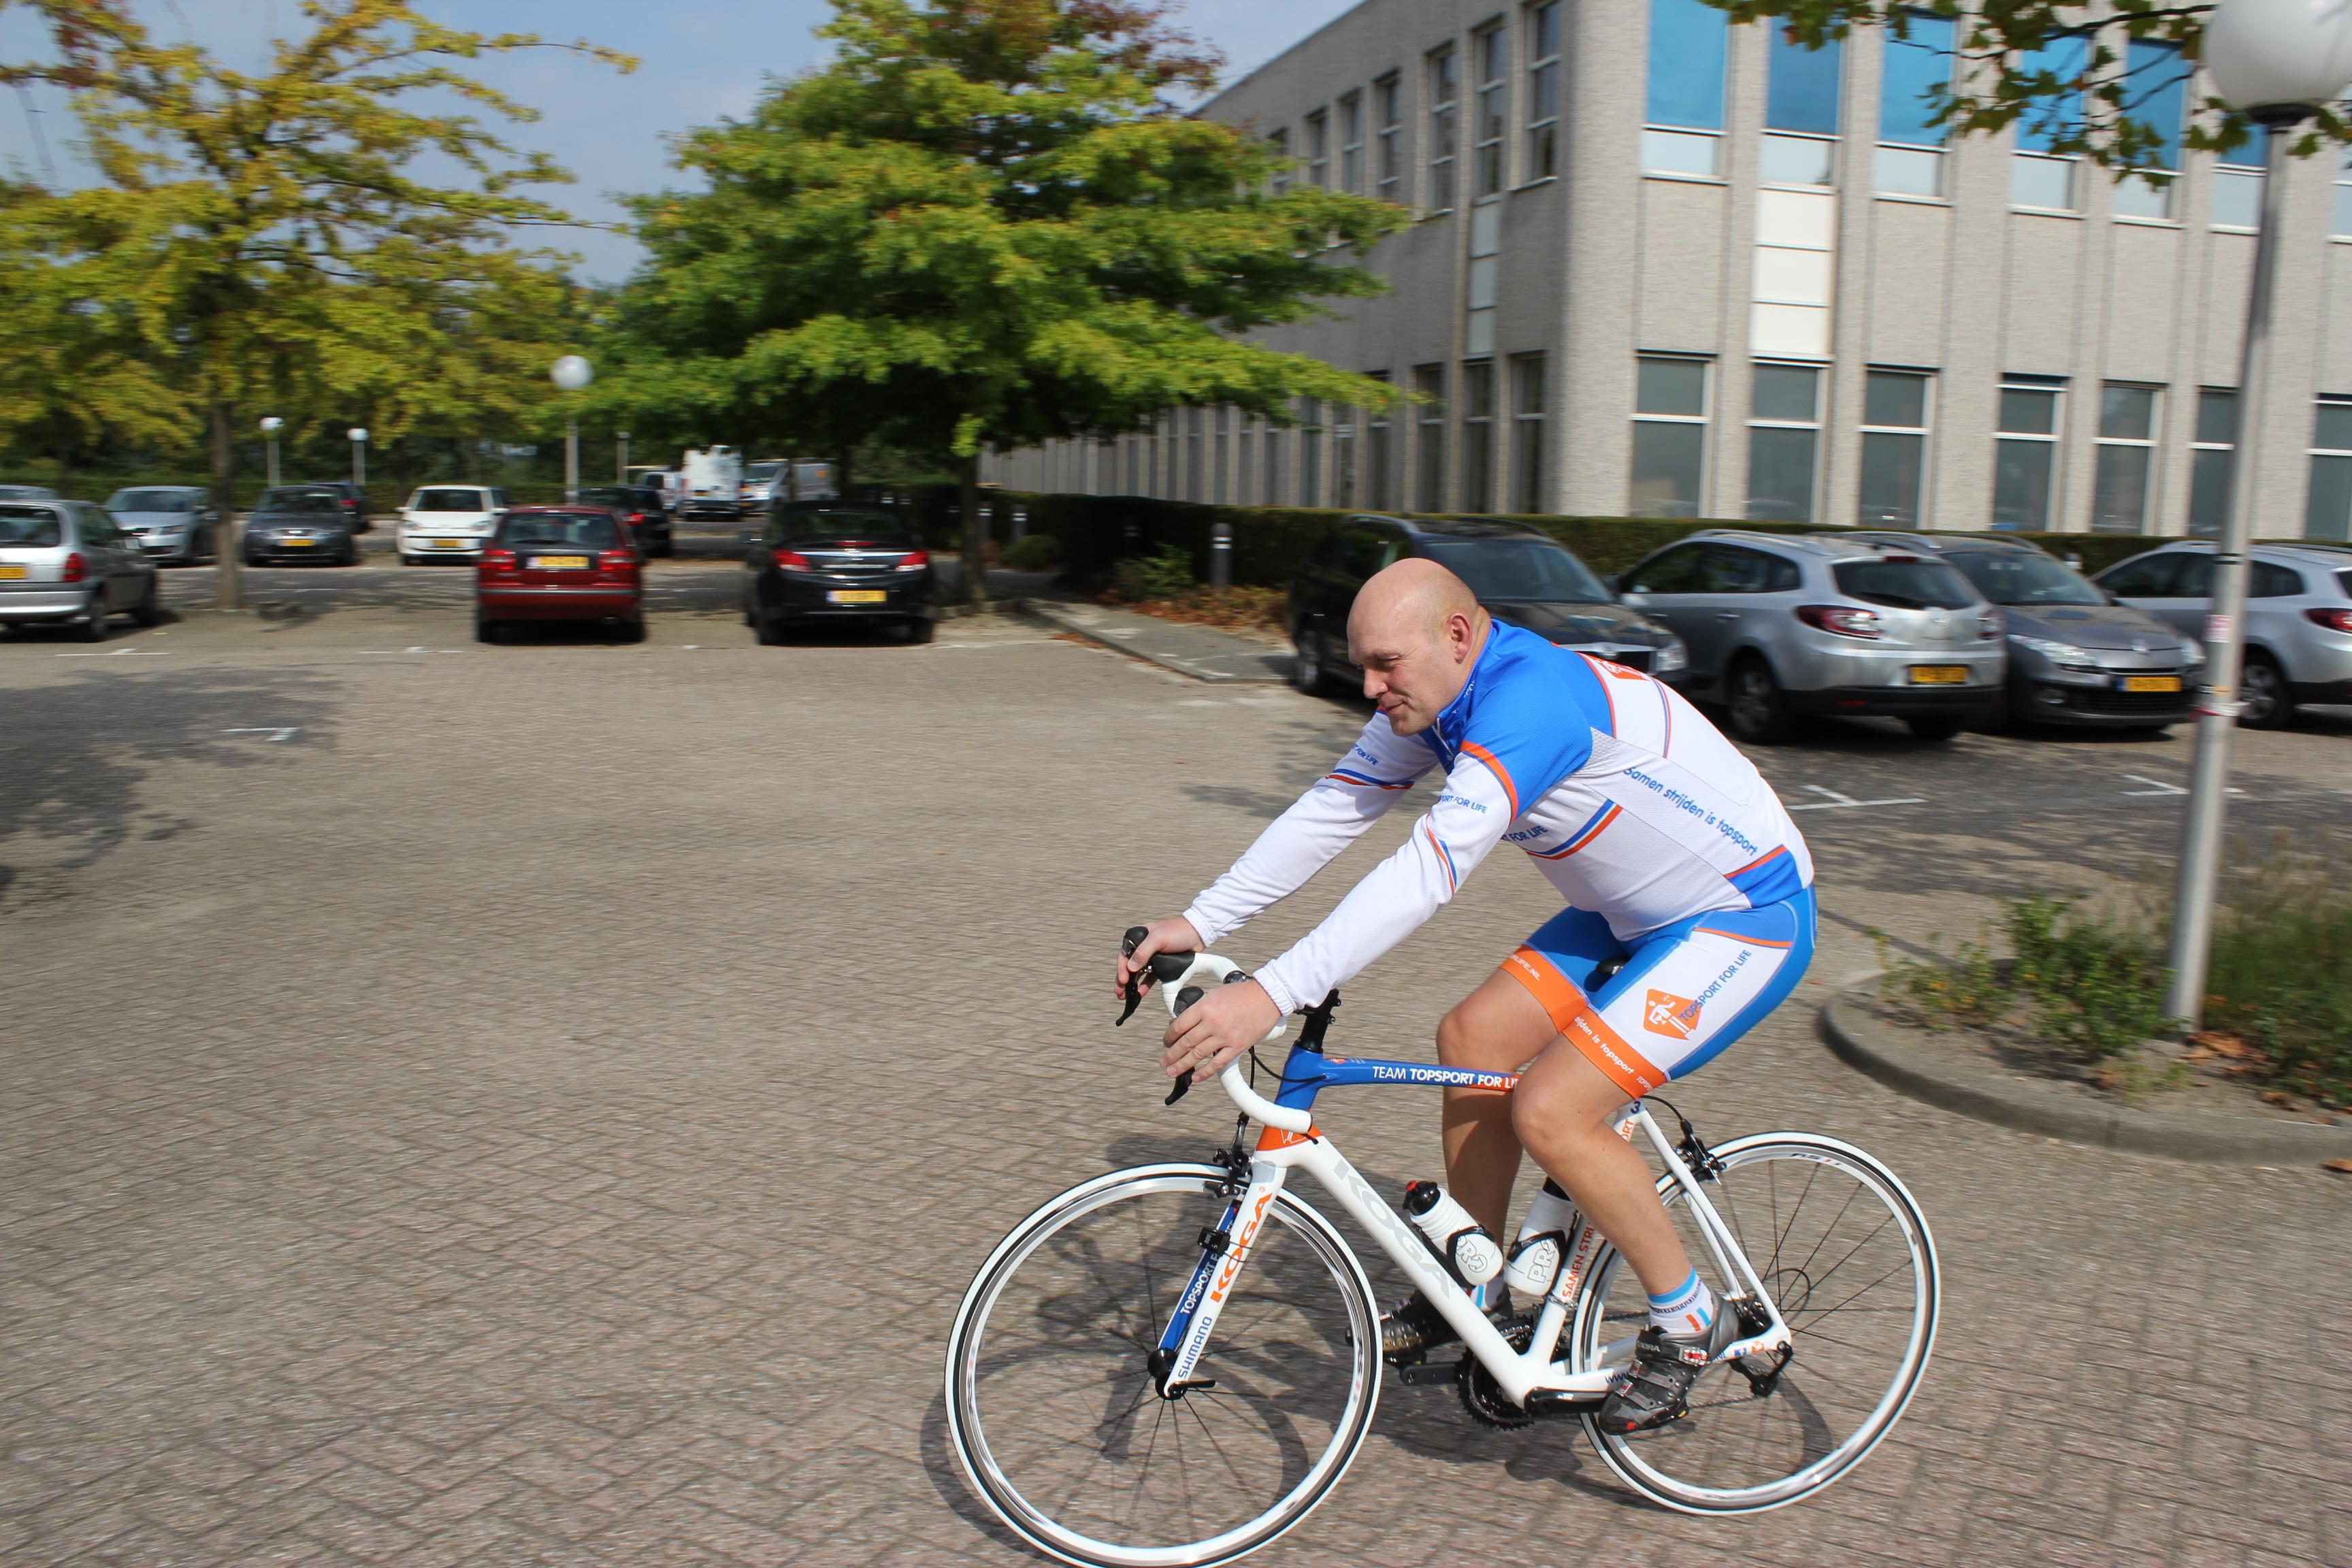 Topsport for Life - fietsenoverdracht - IMG_9365